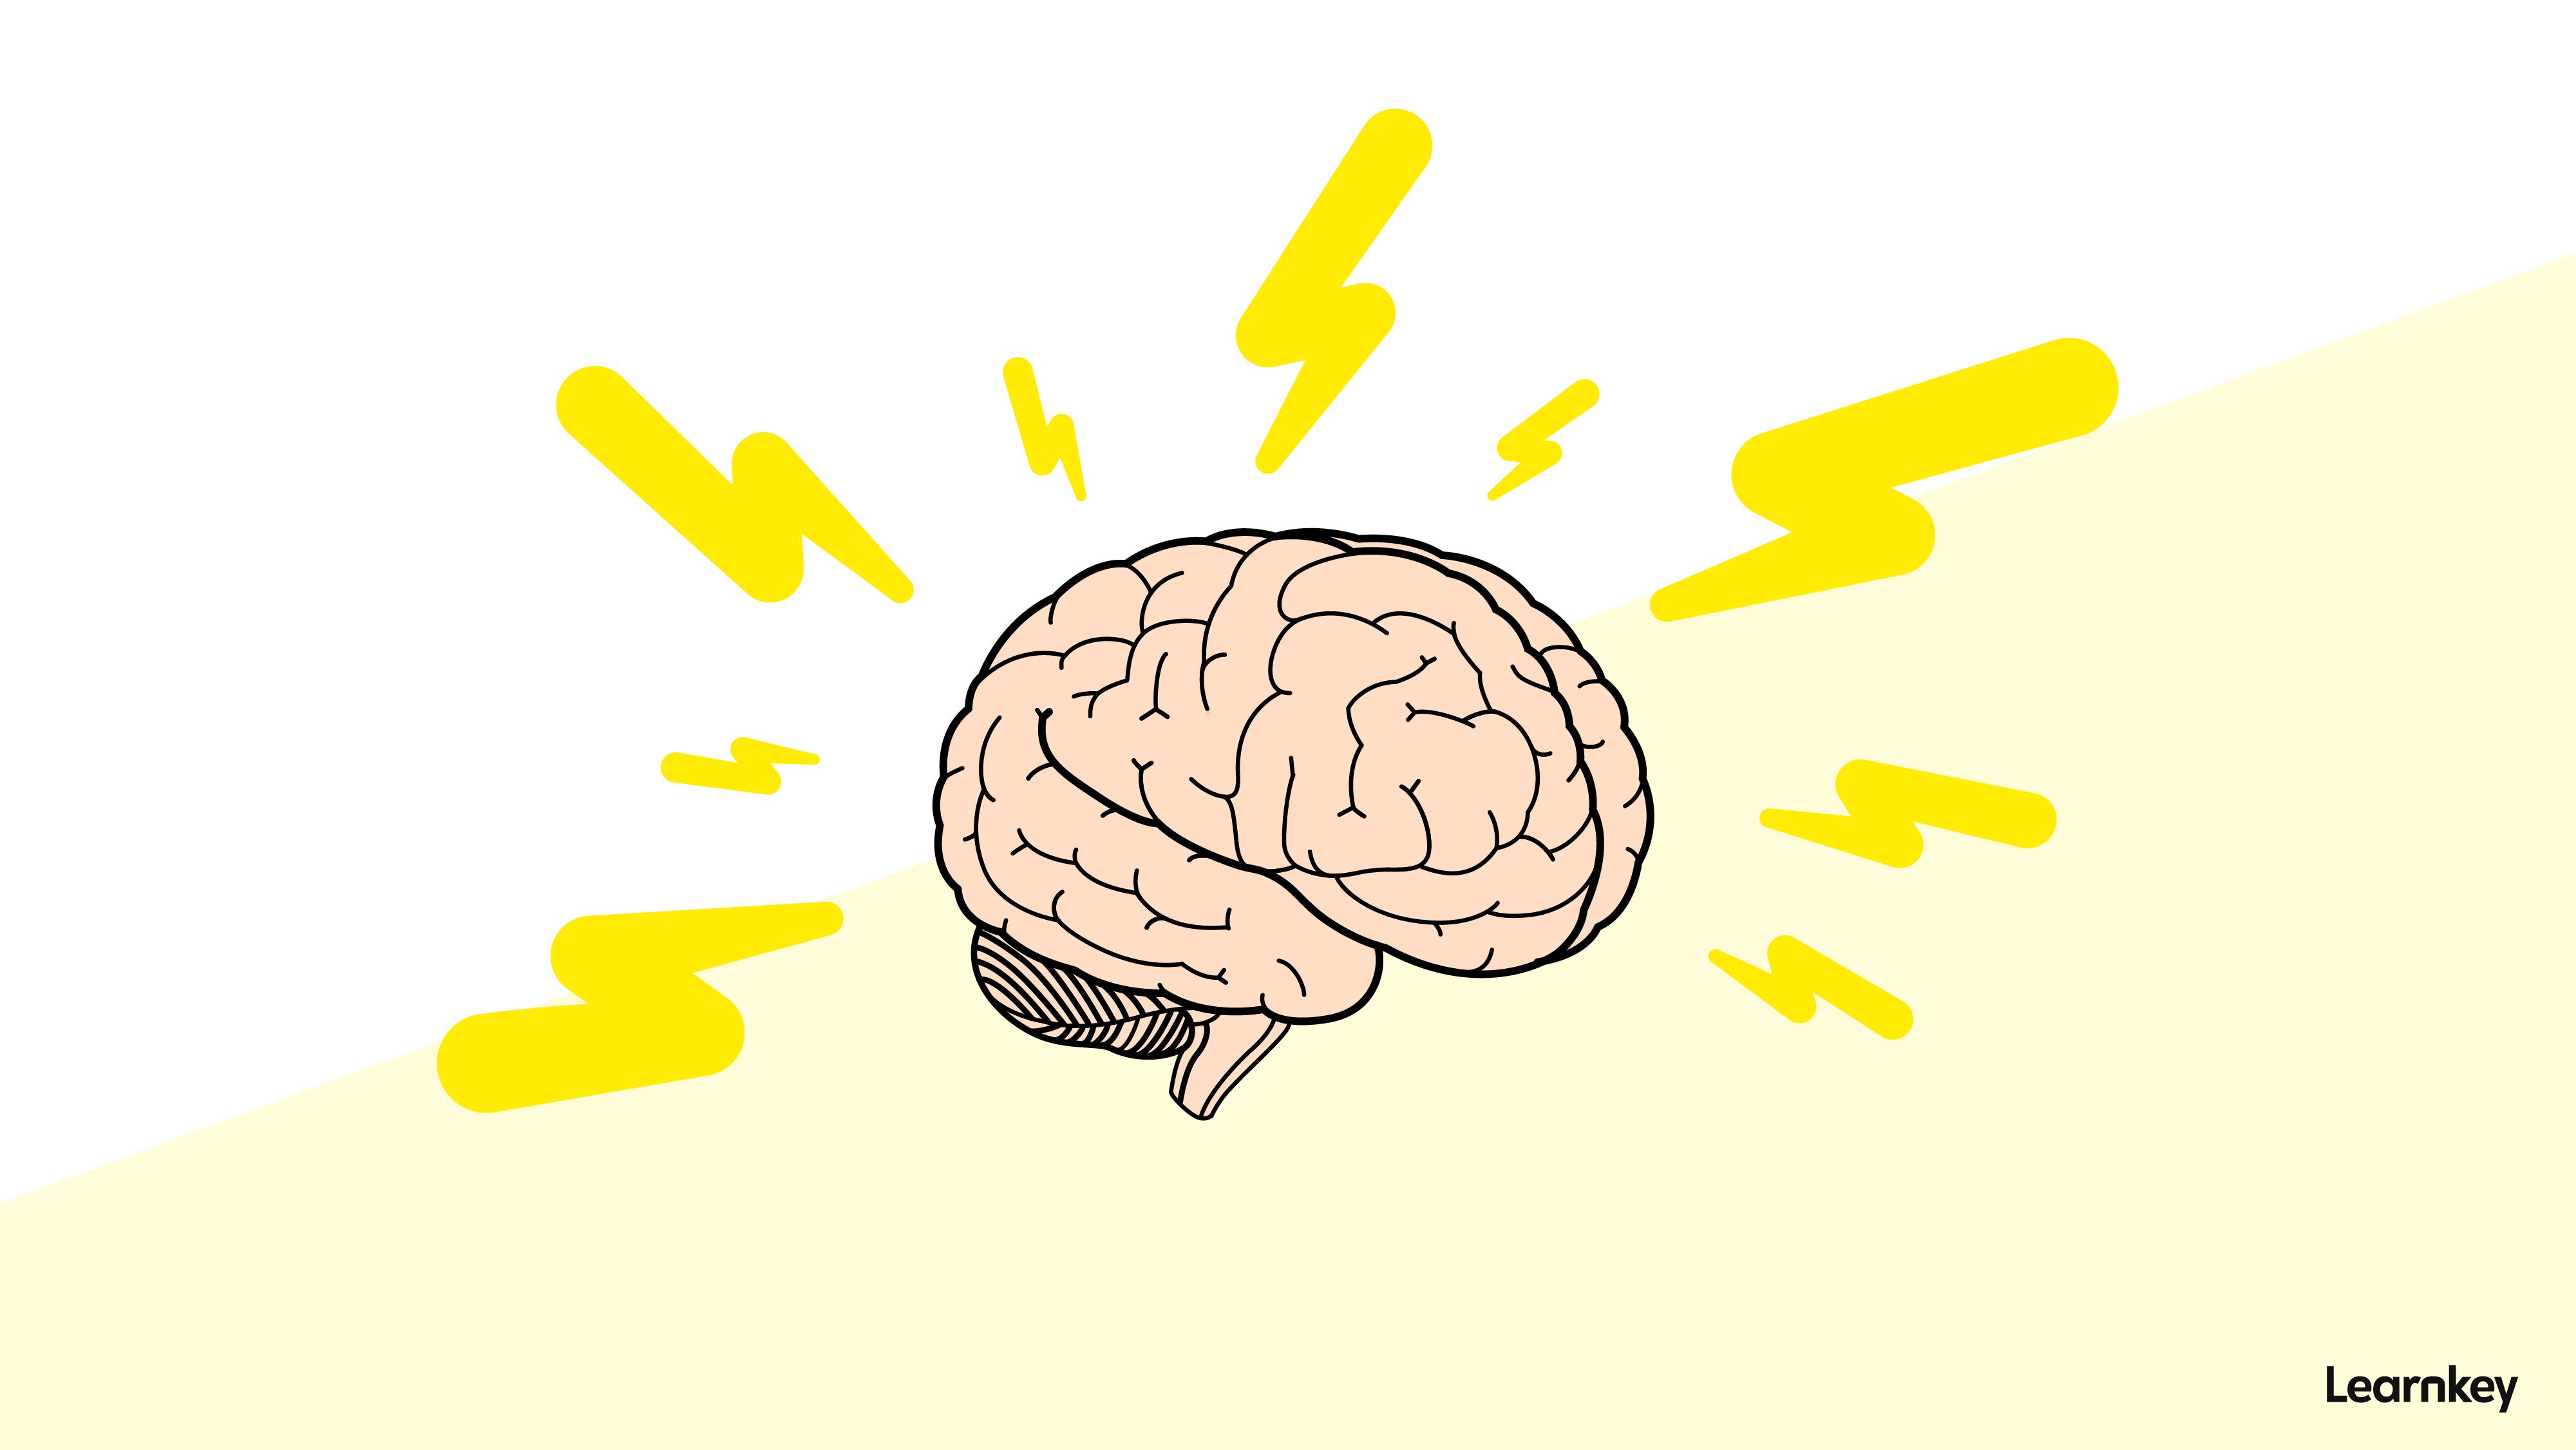 smegenys smalsumas